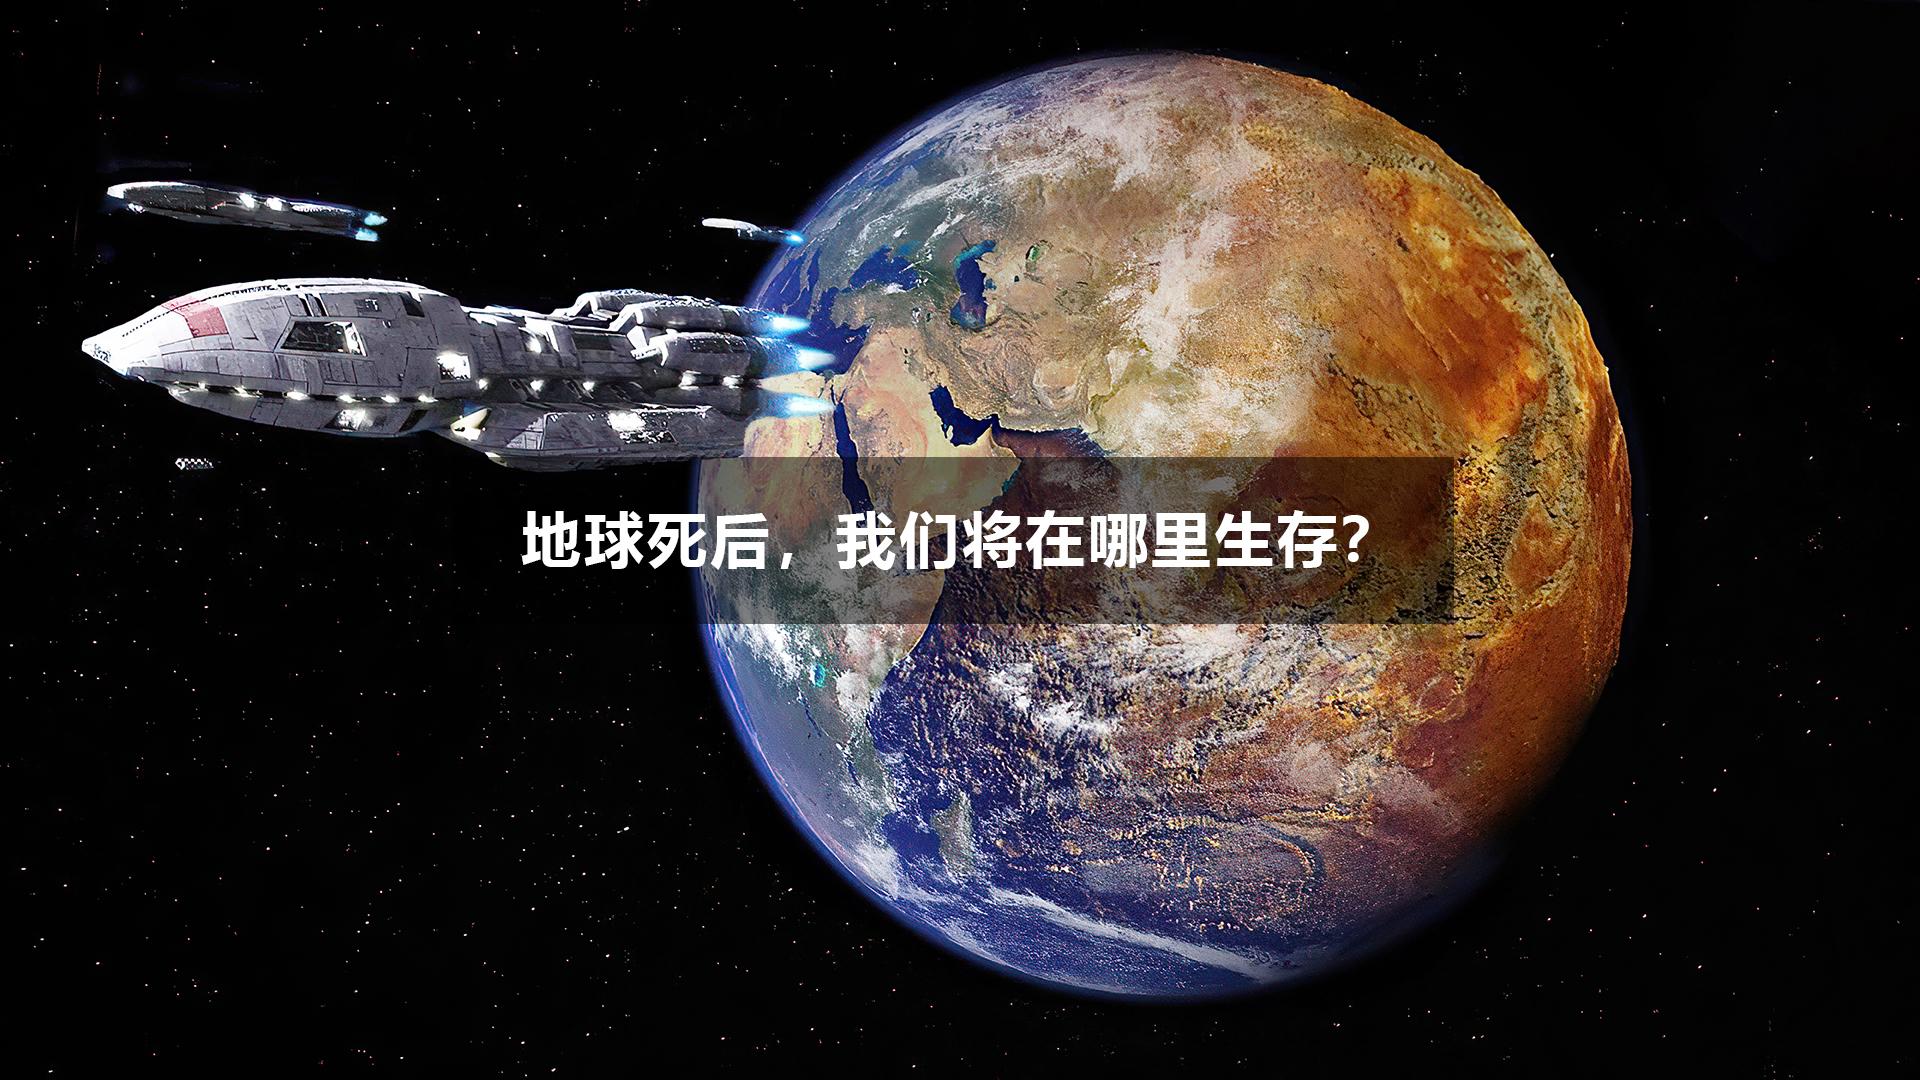 地球死后,我们将在哪里生存? 4K